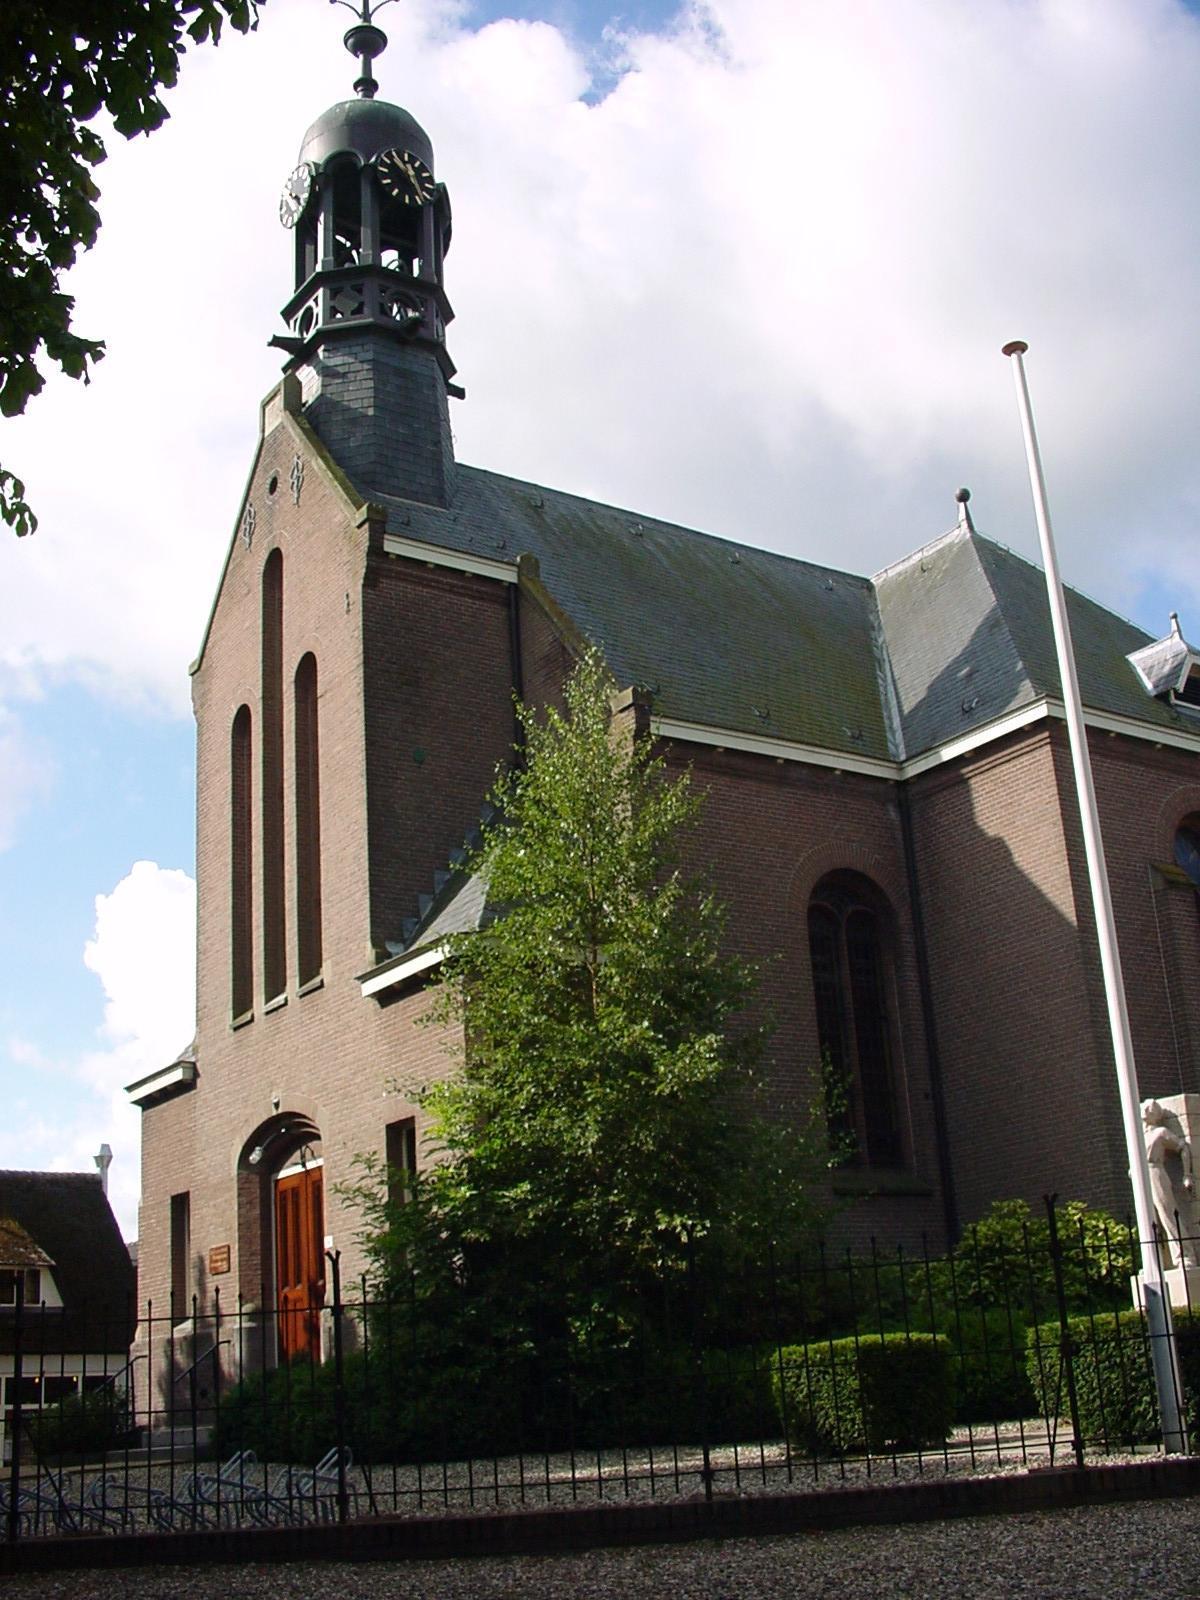 Hervormde kerk Aarlanderveen wil vier huizen bouwen voor meer inkomsten: 'Het groepje gelovigen wordt steeds kleiner'